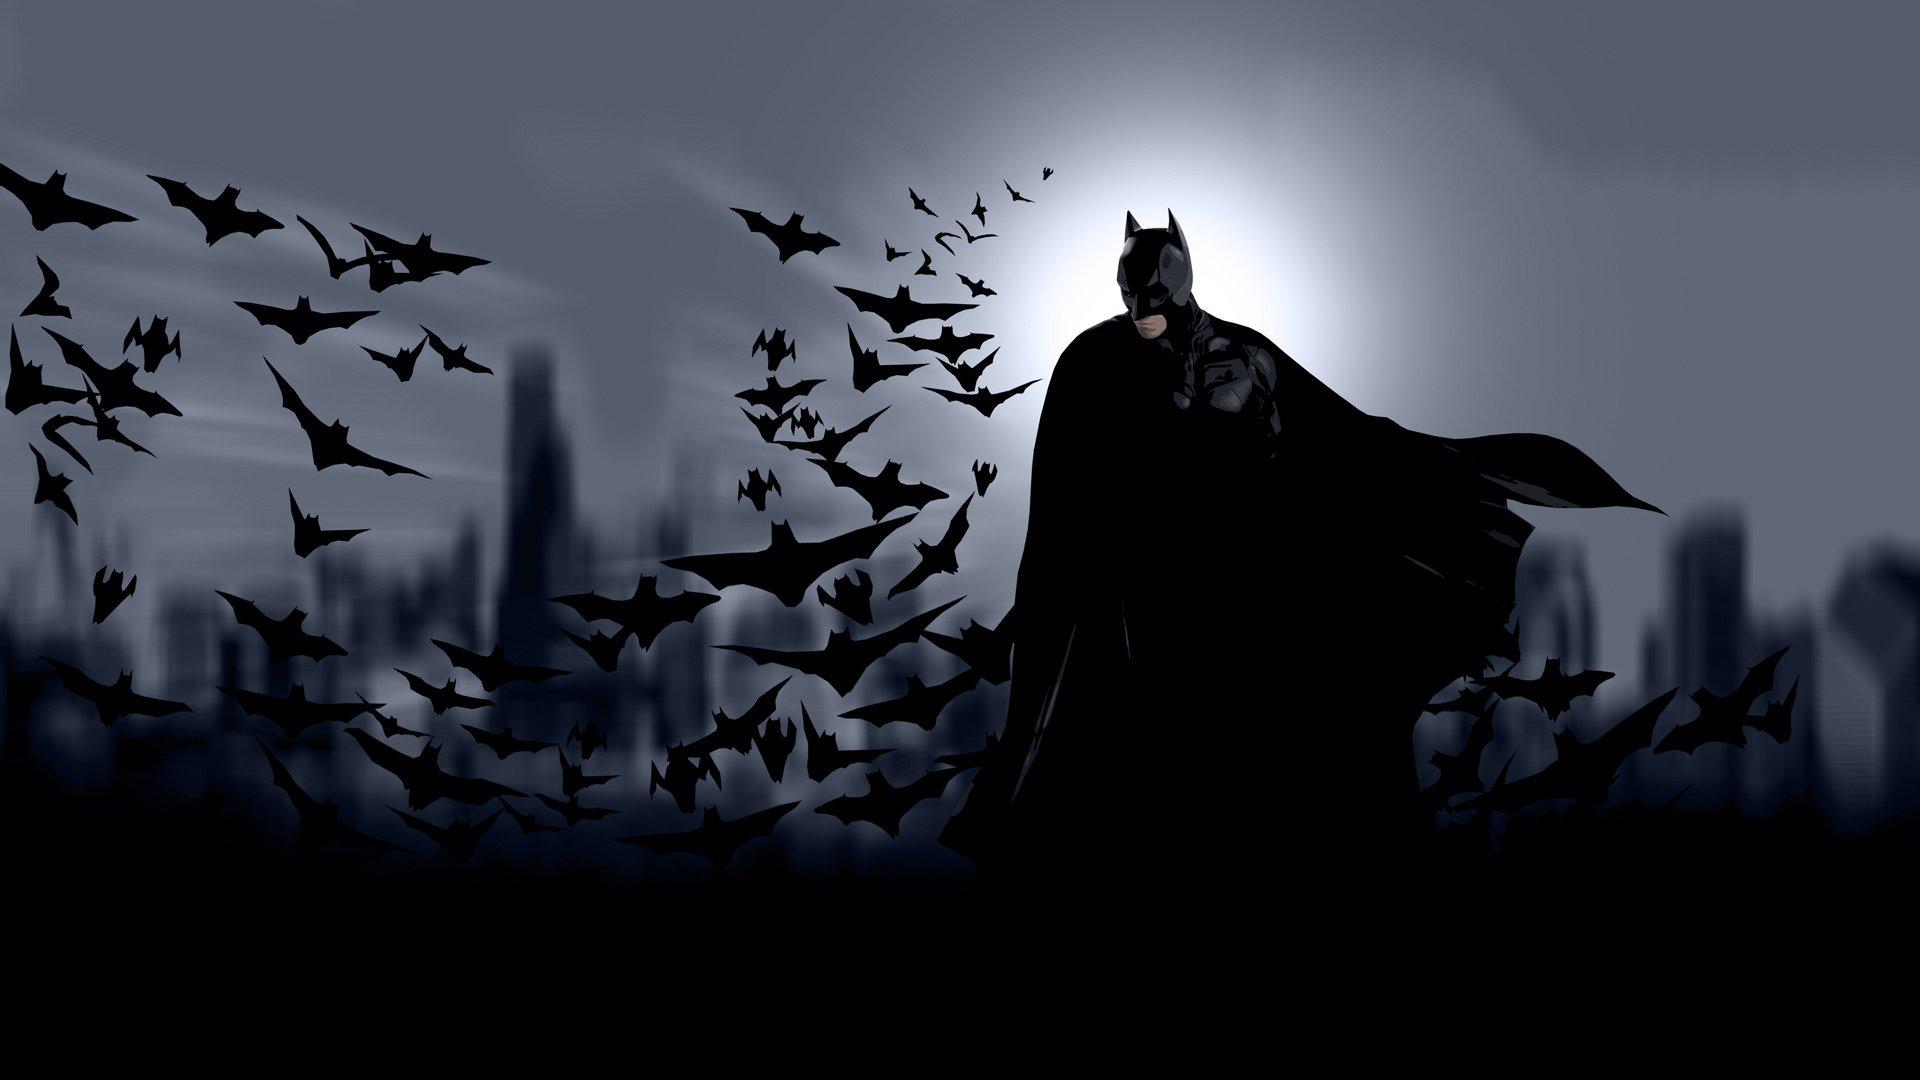 خلفيات باتمان صور ترمز الى باتمان بنات كول